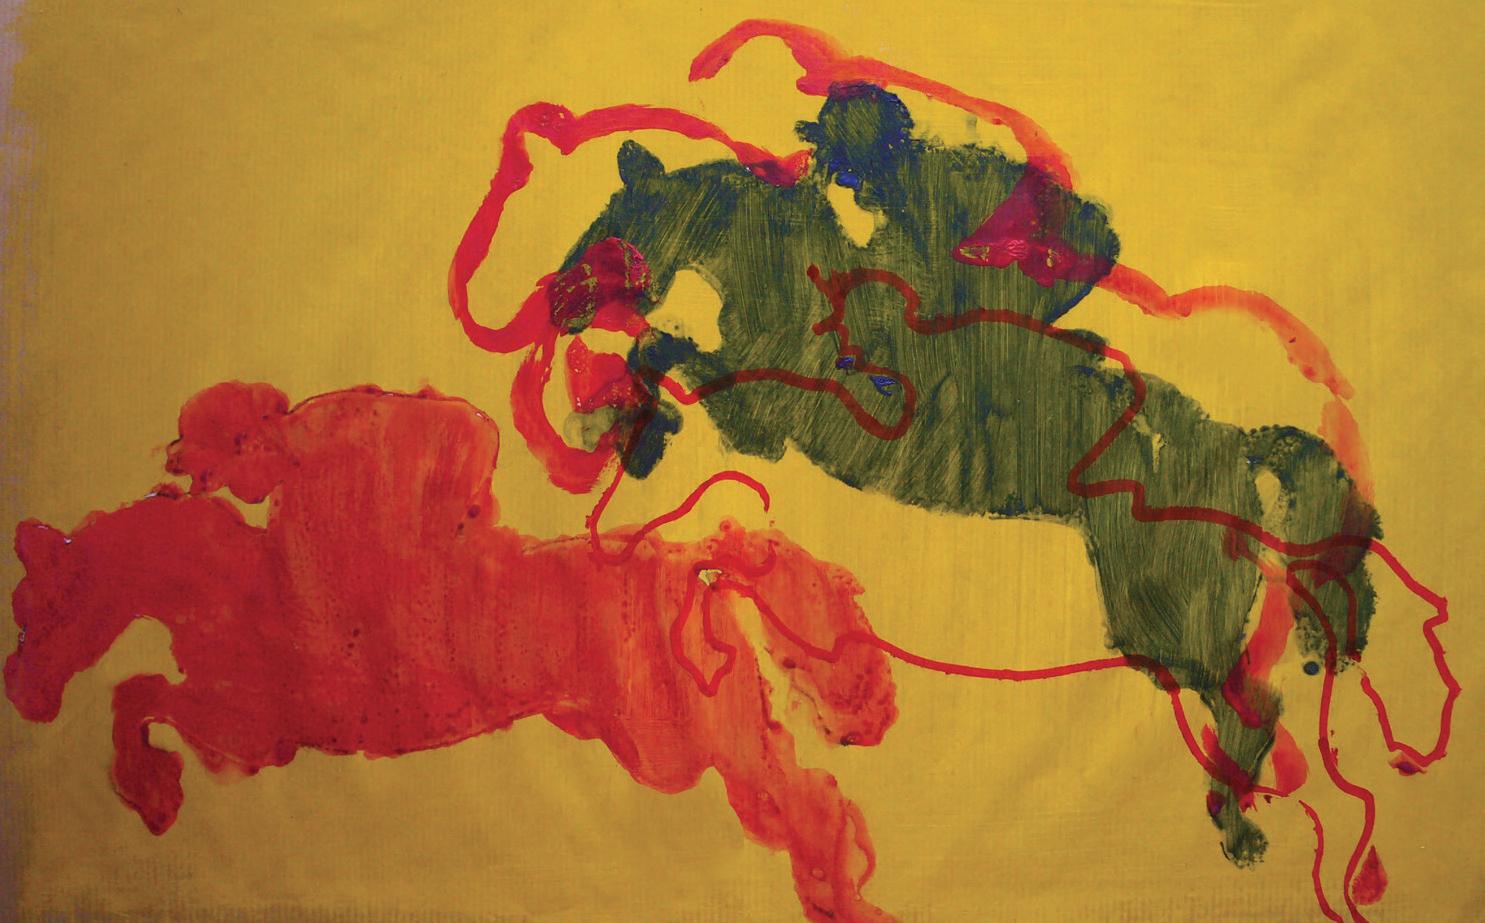 Activité autour d'Andy Warhol